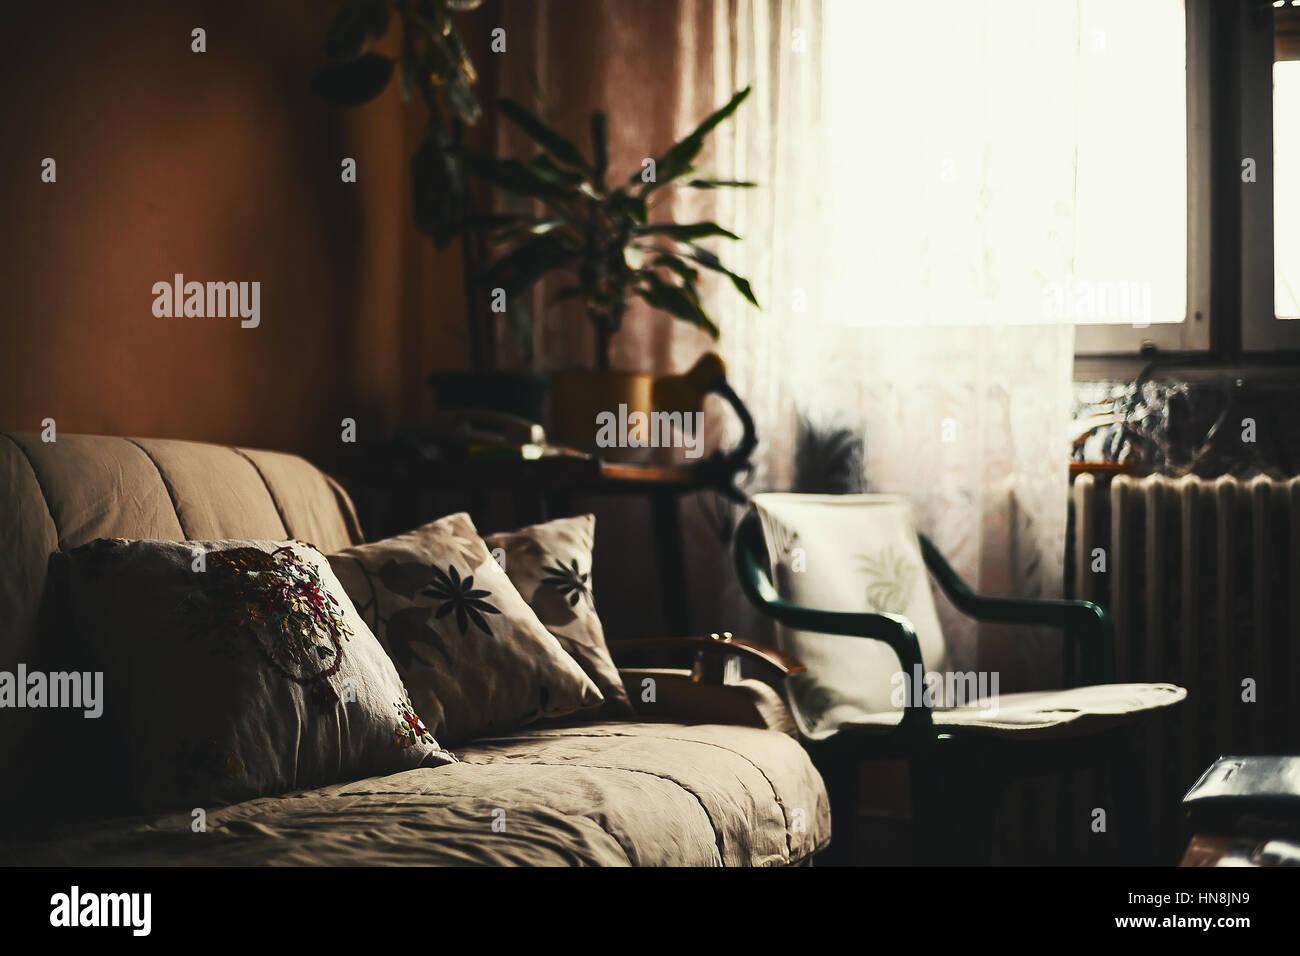 Ambiance paisible d'une ancienne chambre, style de détails. Photo Stock